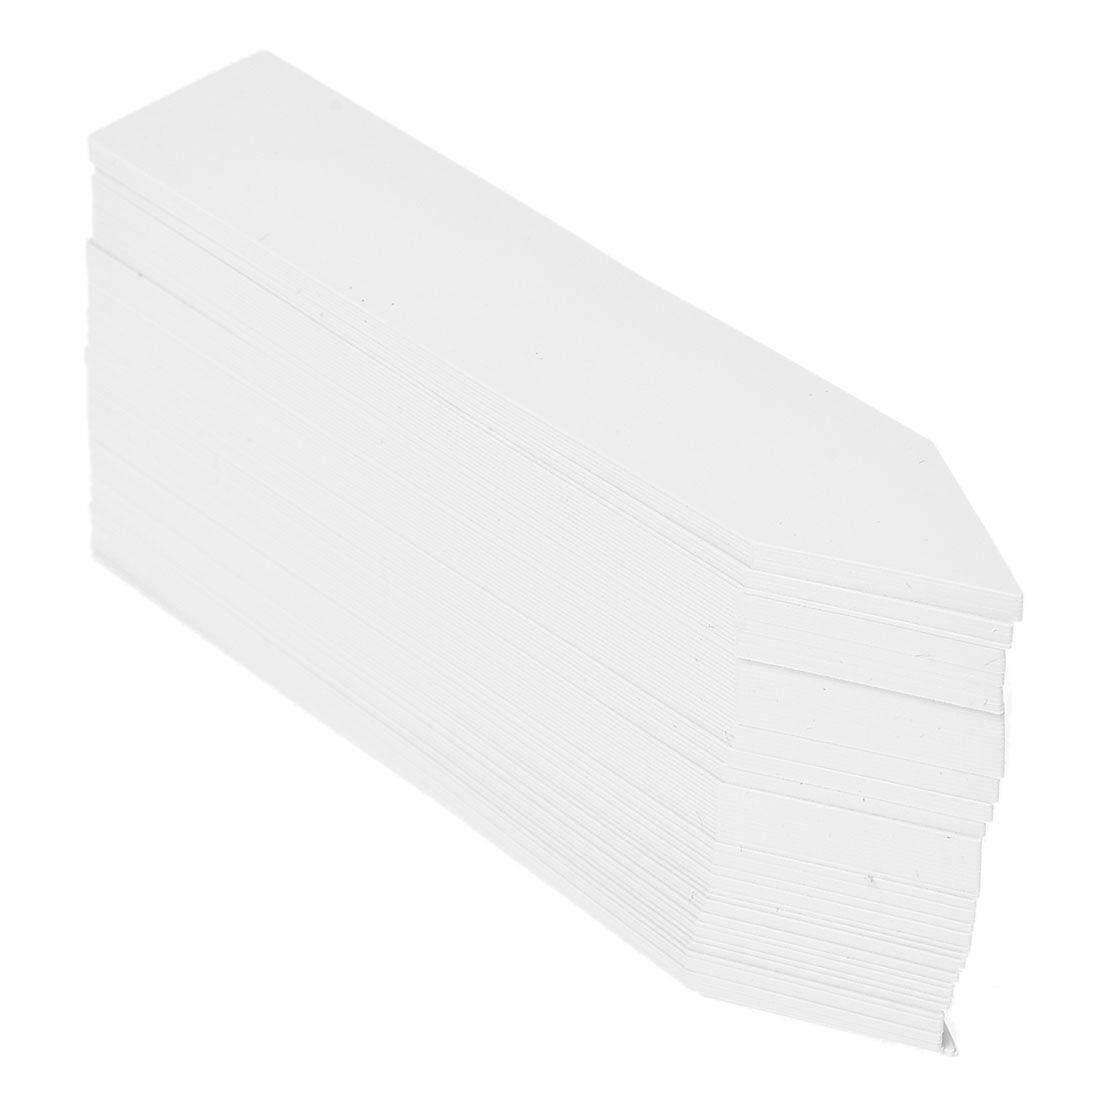 100 ชิ้นเมล็ดพืชพลาสติกฉลากหม้อเครื่องหมายเนอสเซอรี่สวน Stake แท็ก 10 เซนติเมตร X 2 เซนติเมตร (สีขาว) - นานาชาติ By Sillyshuai.